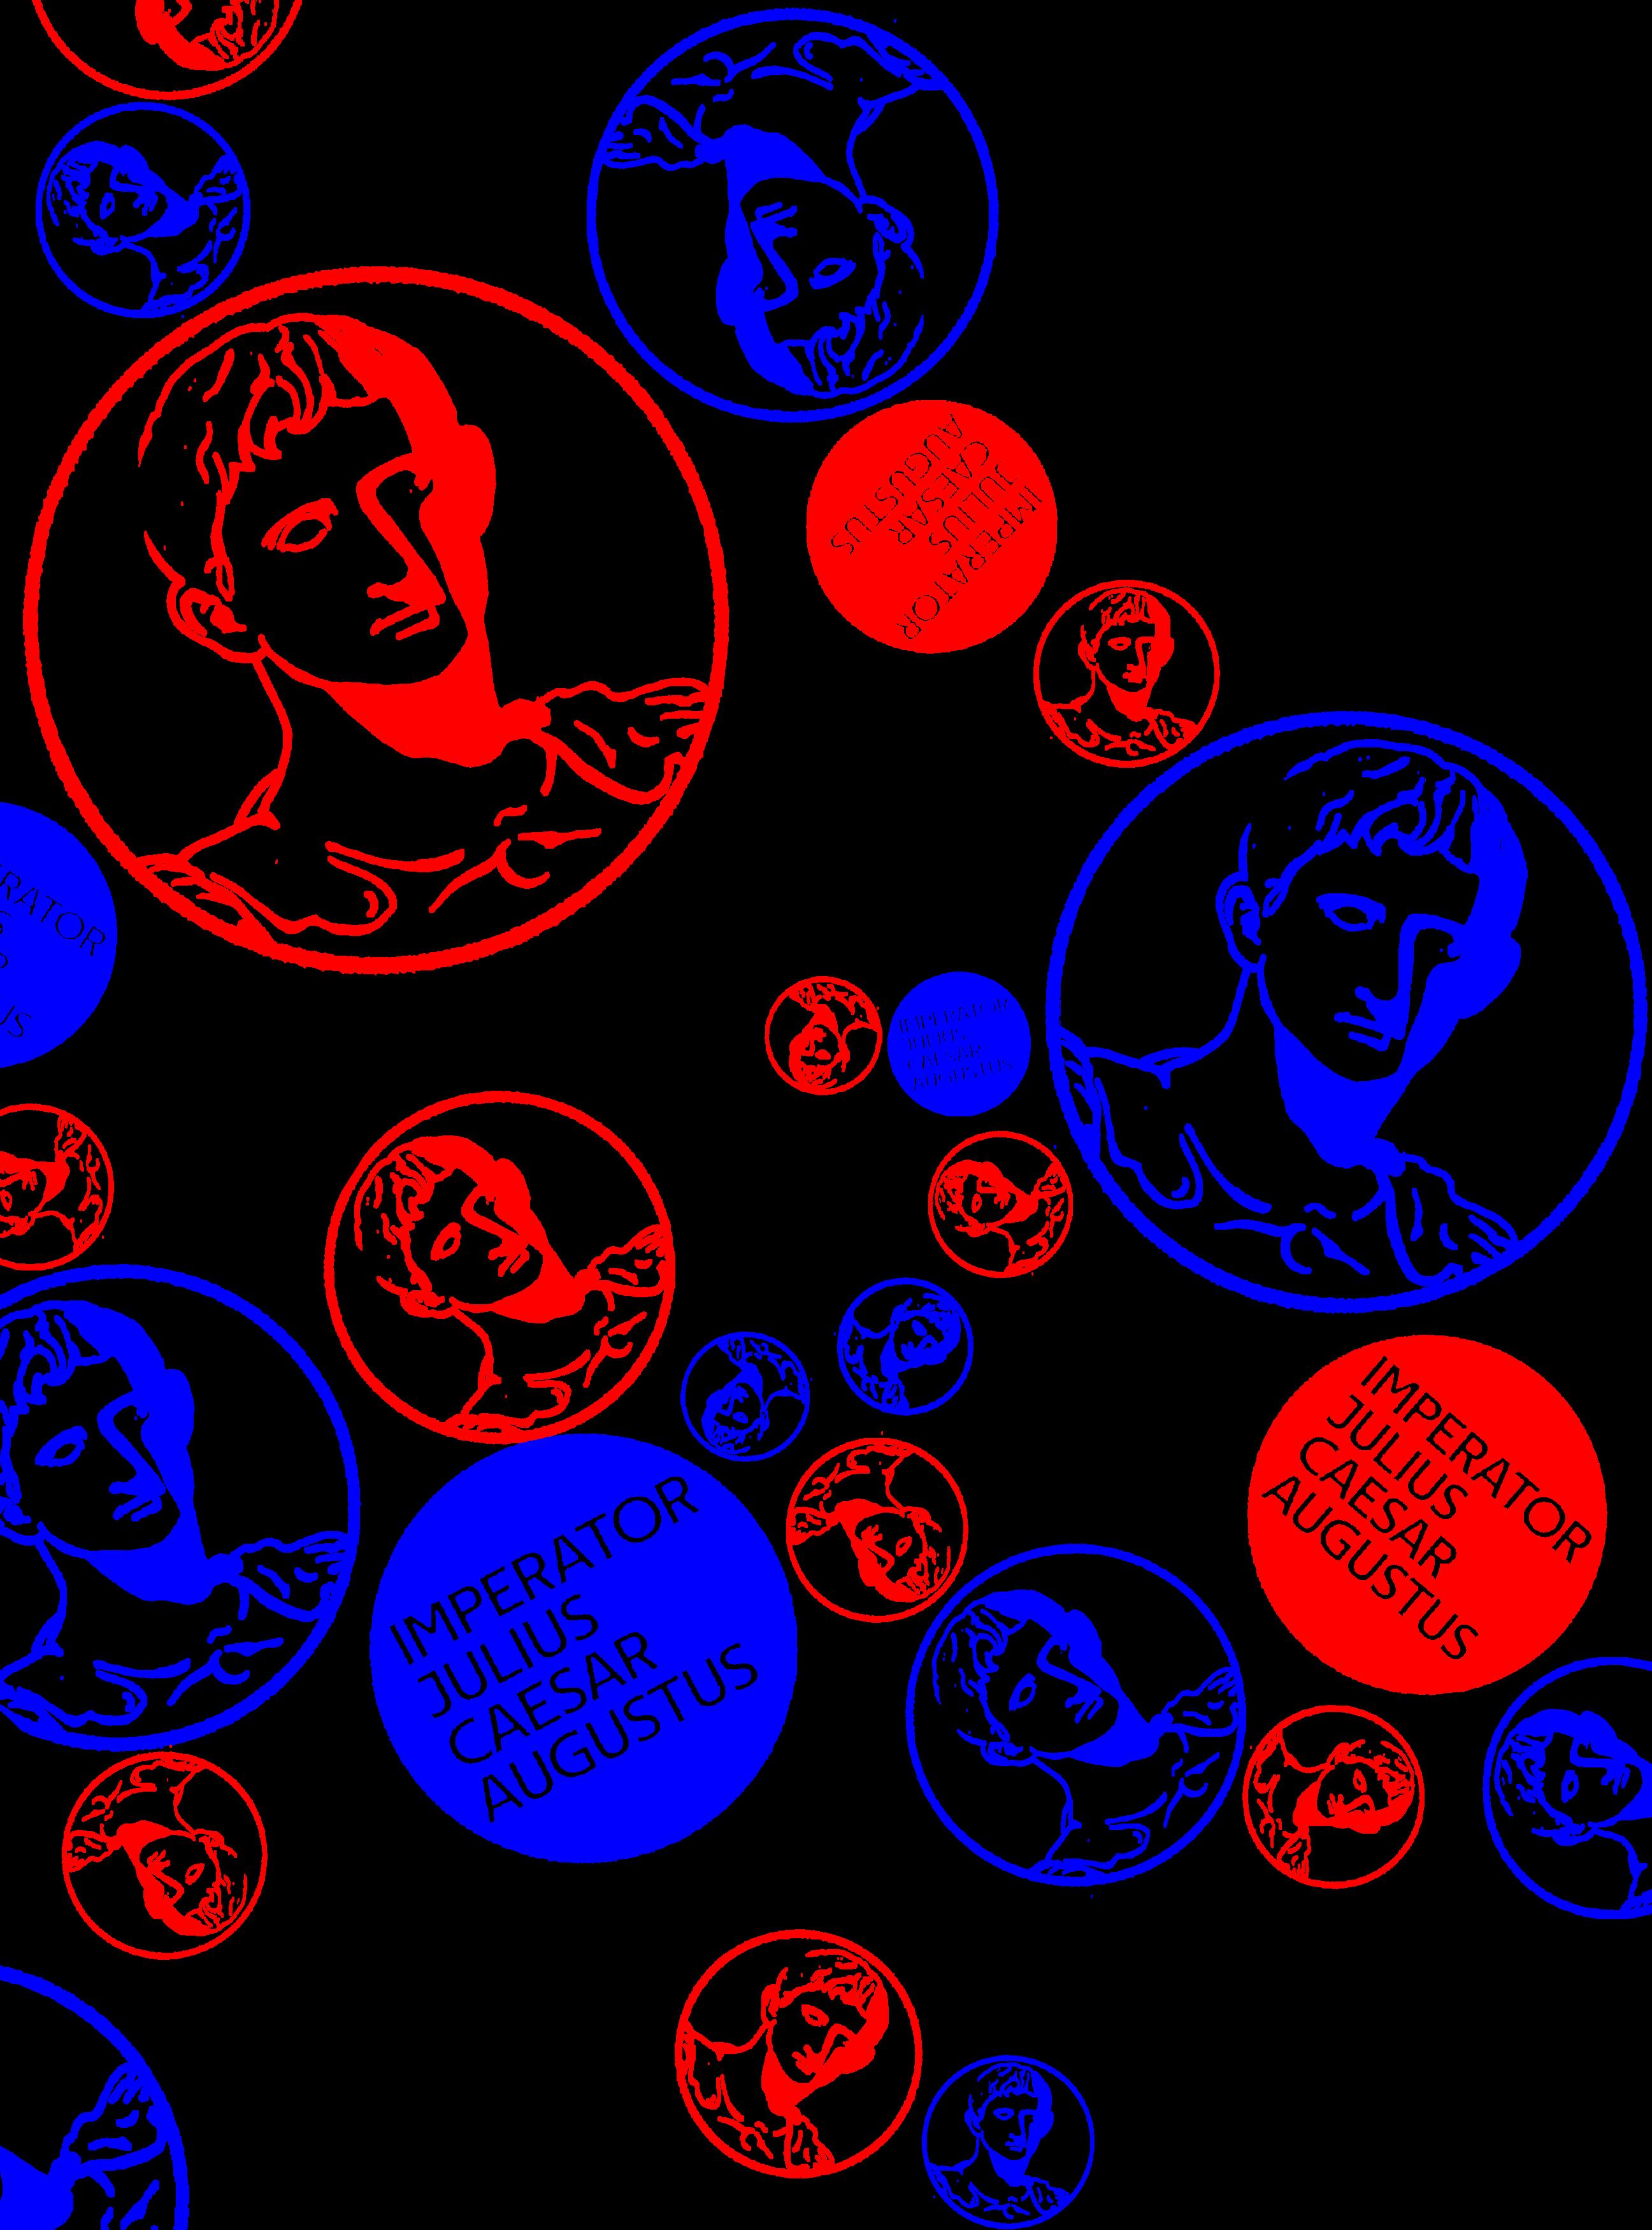 pmp004-20274-00008